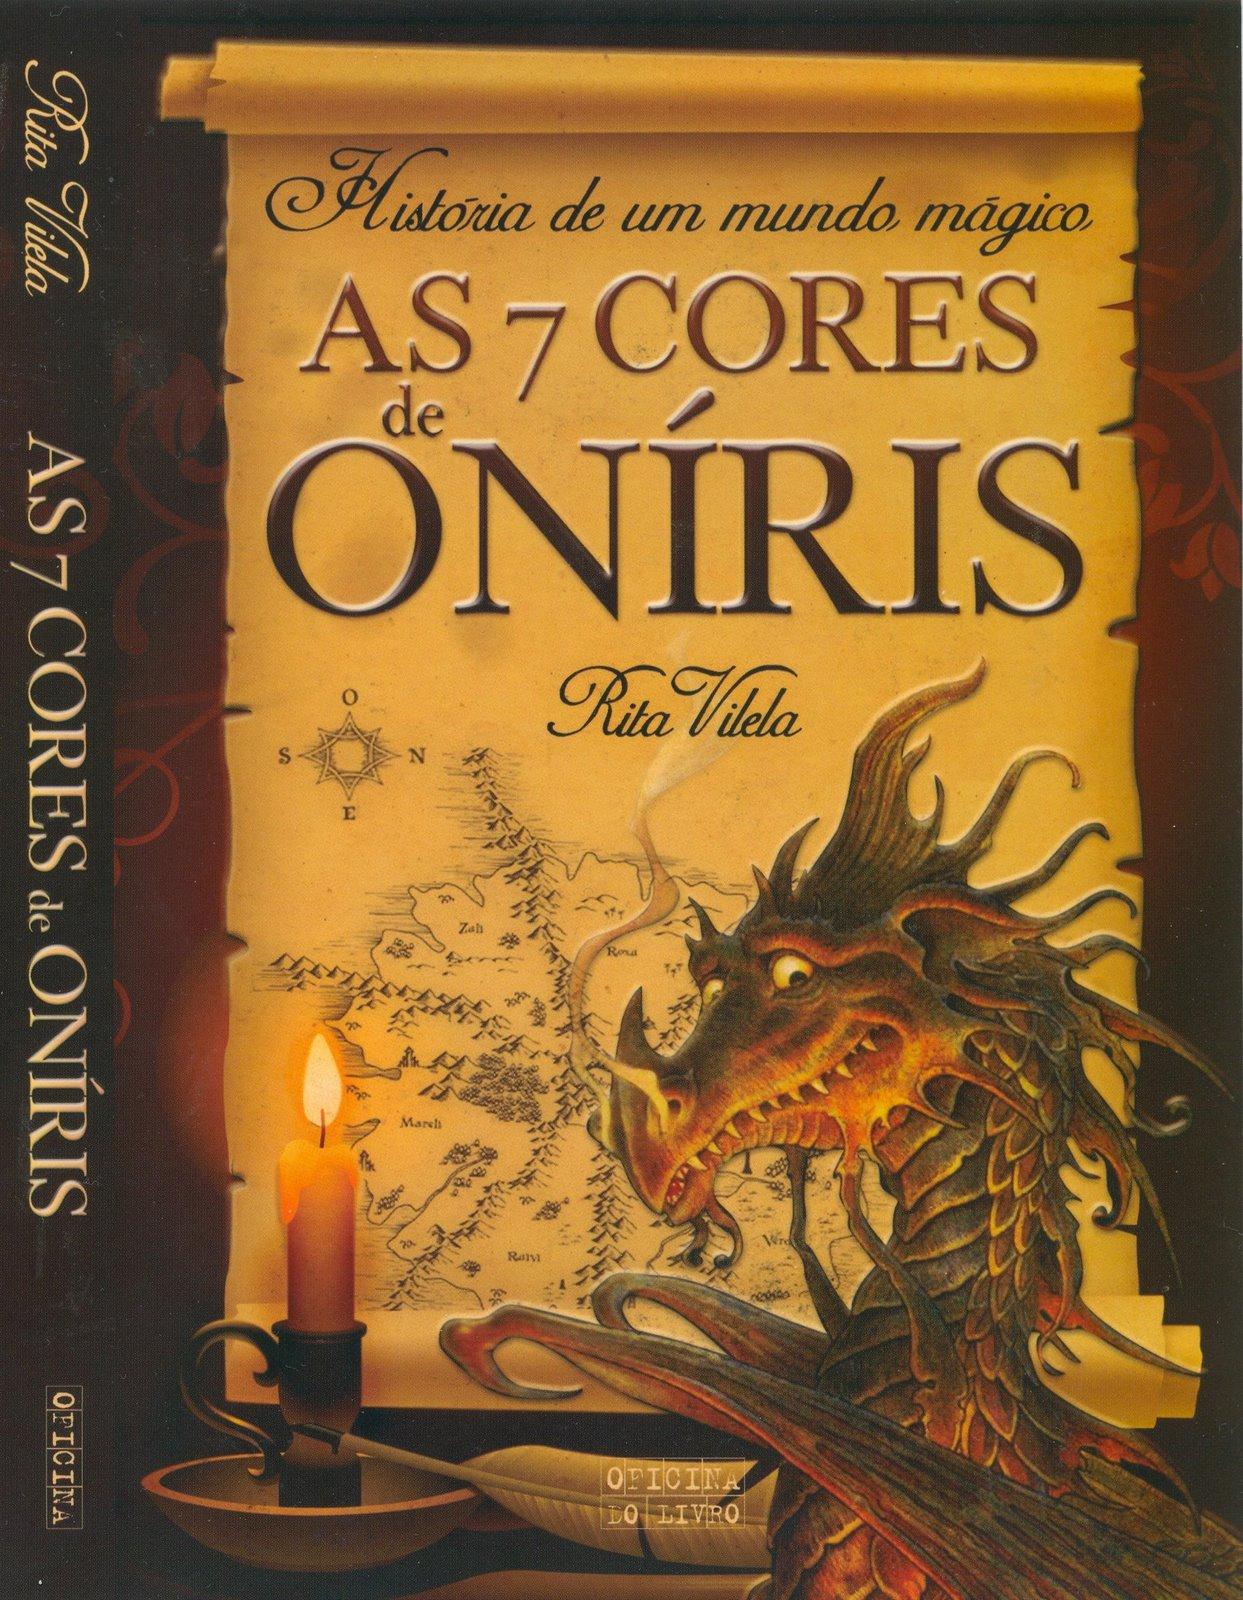 Para todos os que apreciam histórias de fantasia, de magia e de aventura, jovens e adultos.